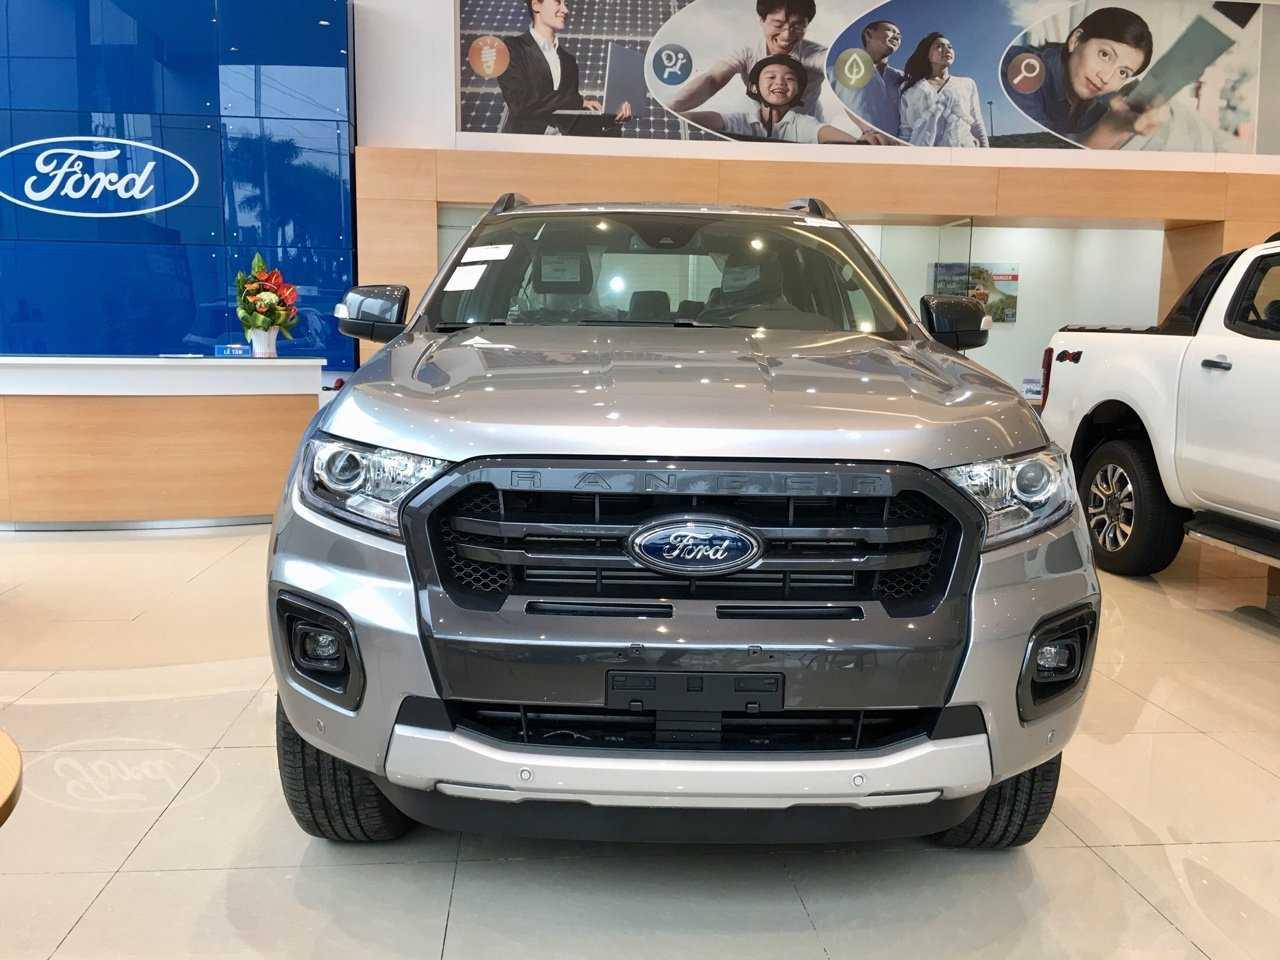 Giá lăn bánh Ford Ranger Wildtrak 4x4 2020 ở Quảng Ninh 2